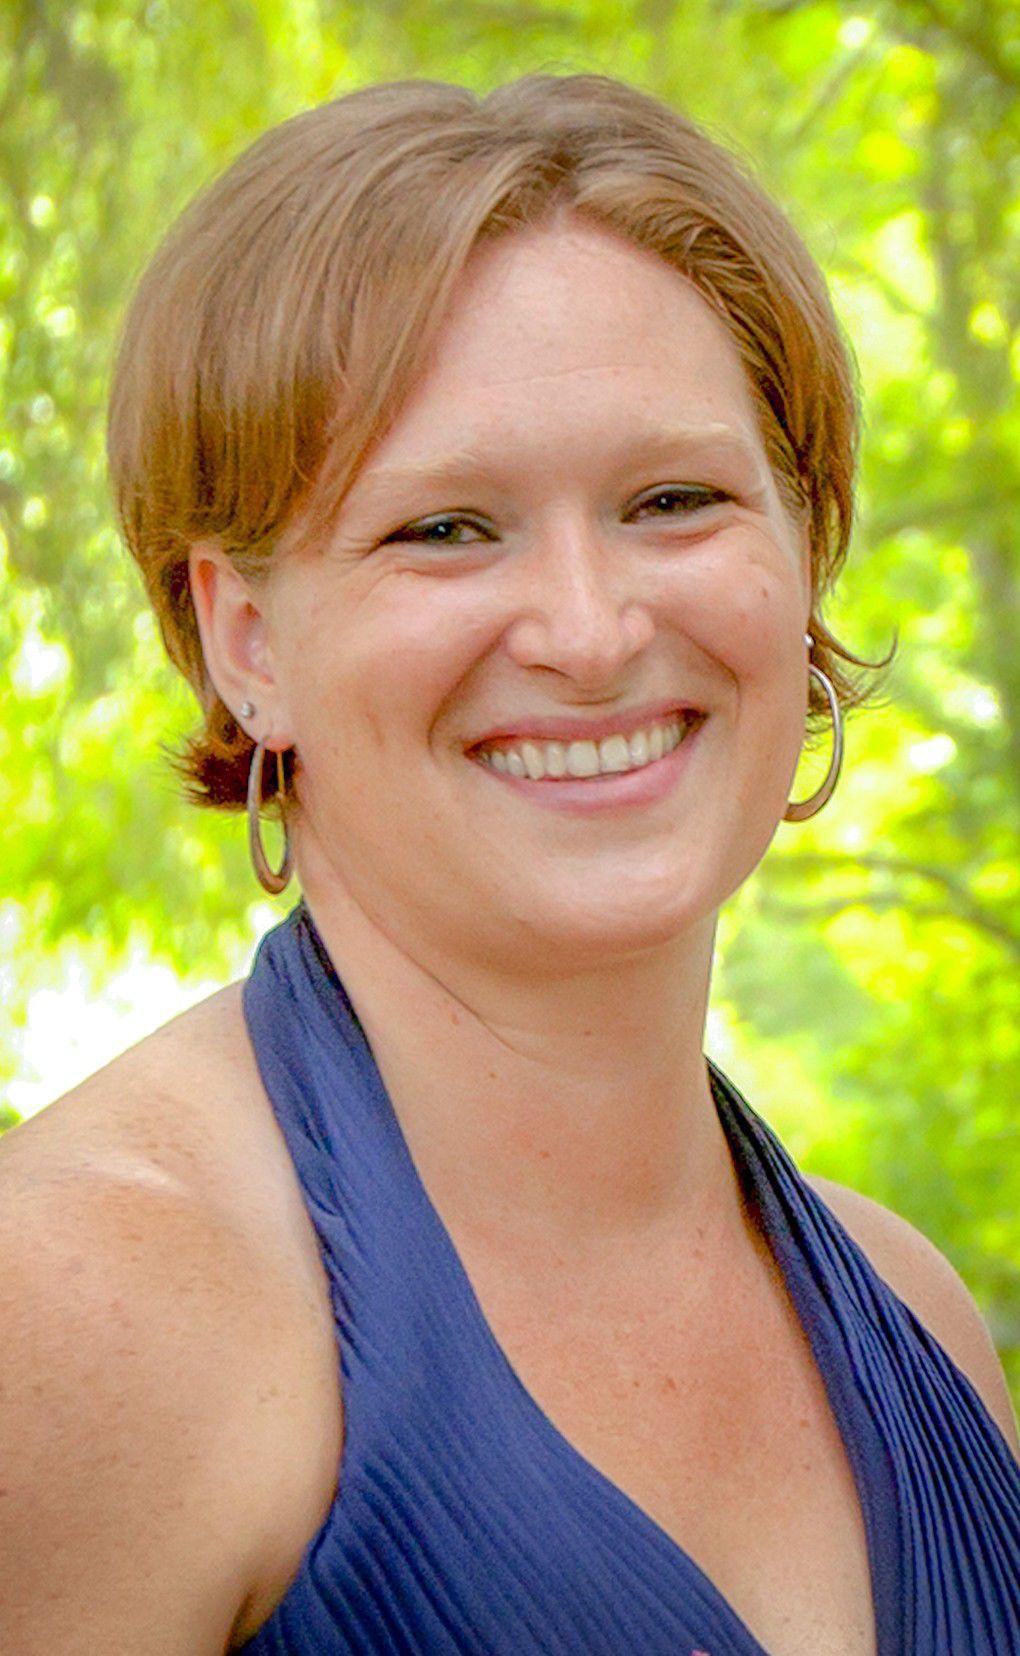 Dr. Krista Mougey